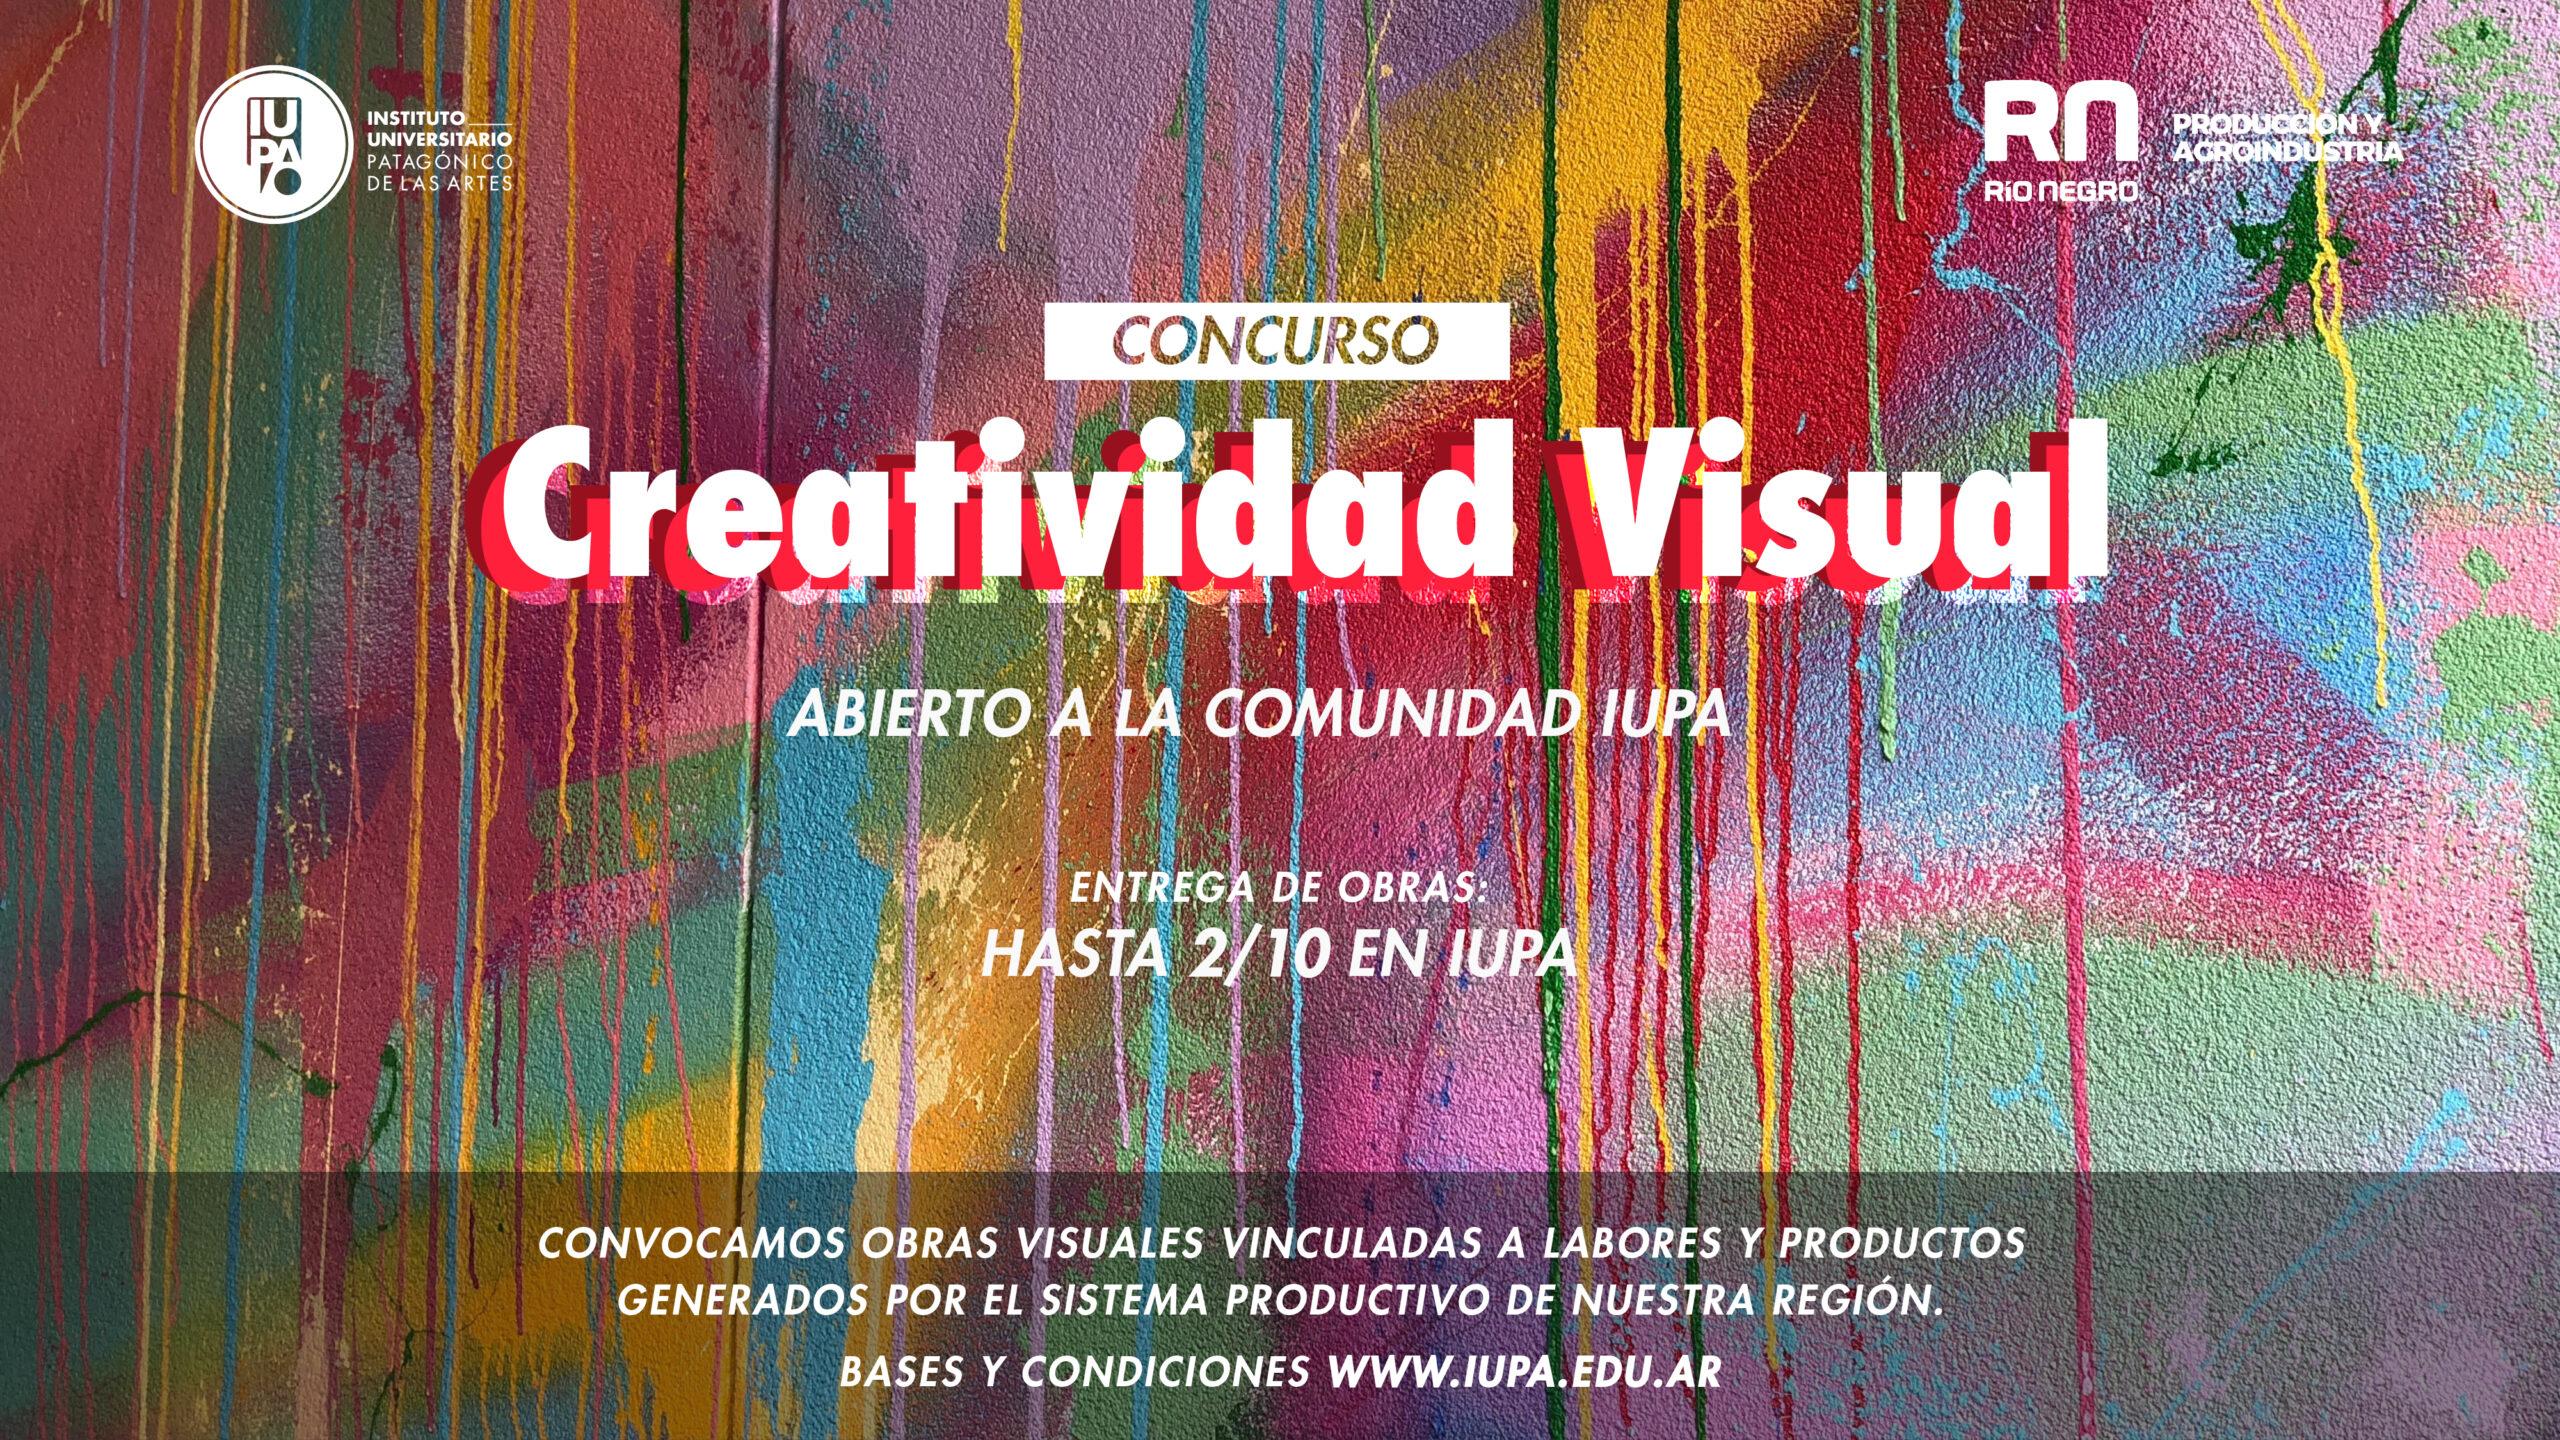 flyer concurso creatividad